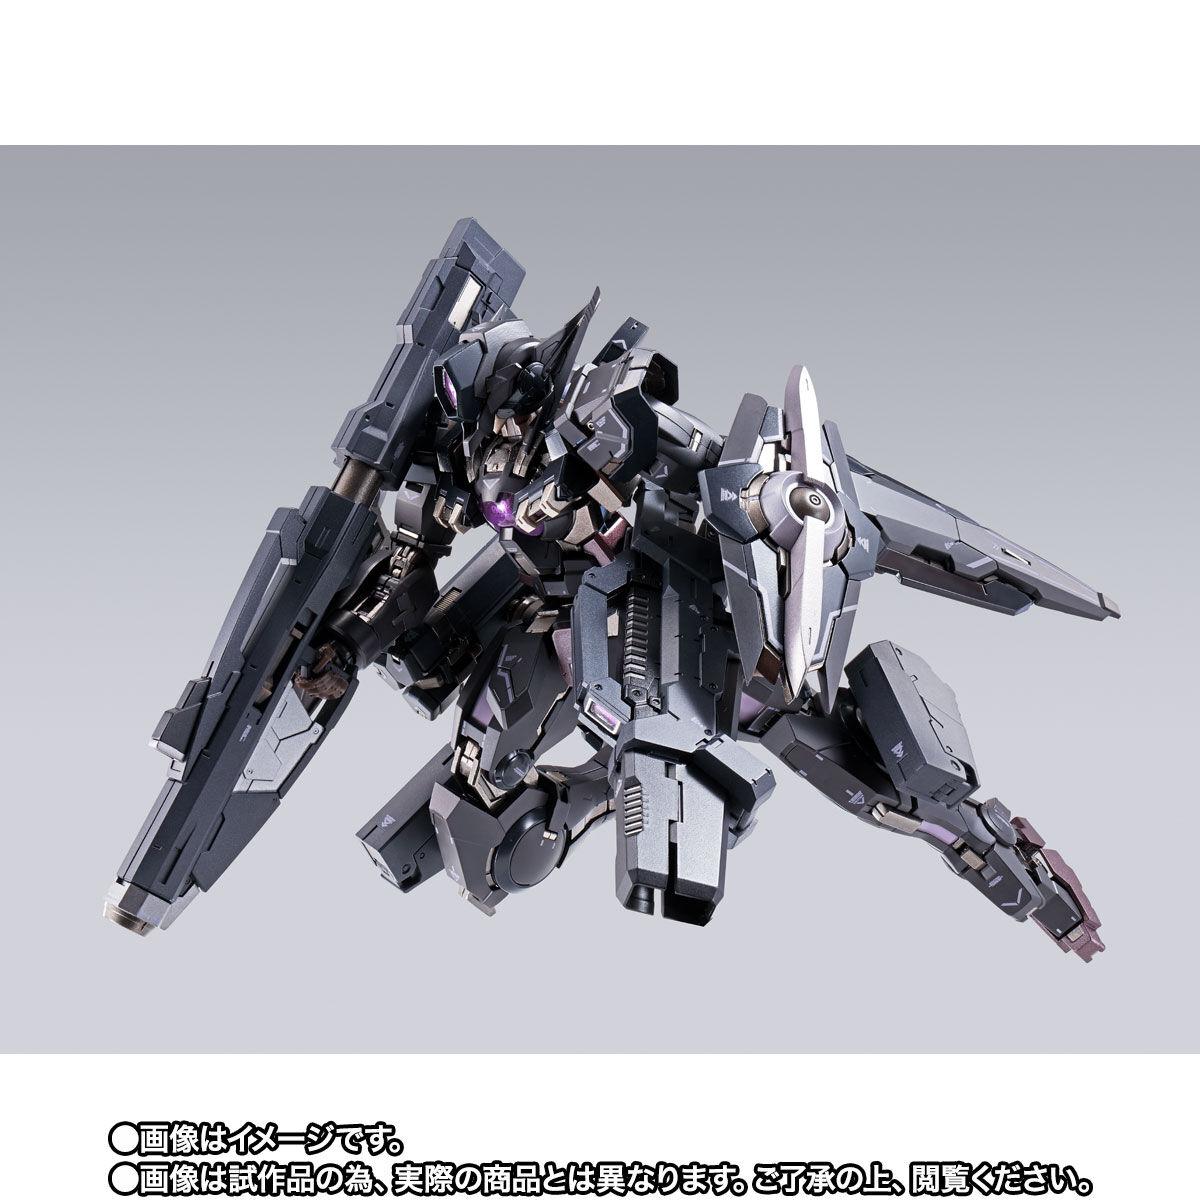 【限定販売】METAL BUILD『ガンダムアストレアTYPE-Xフィンスターニス』ガンダム00 可動フィギュア-009